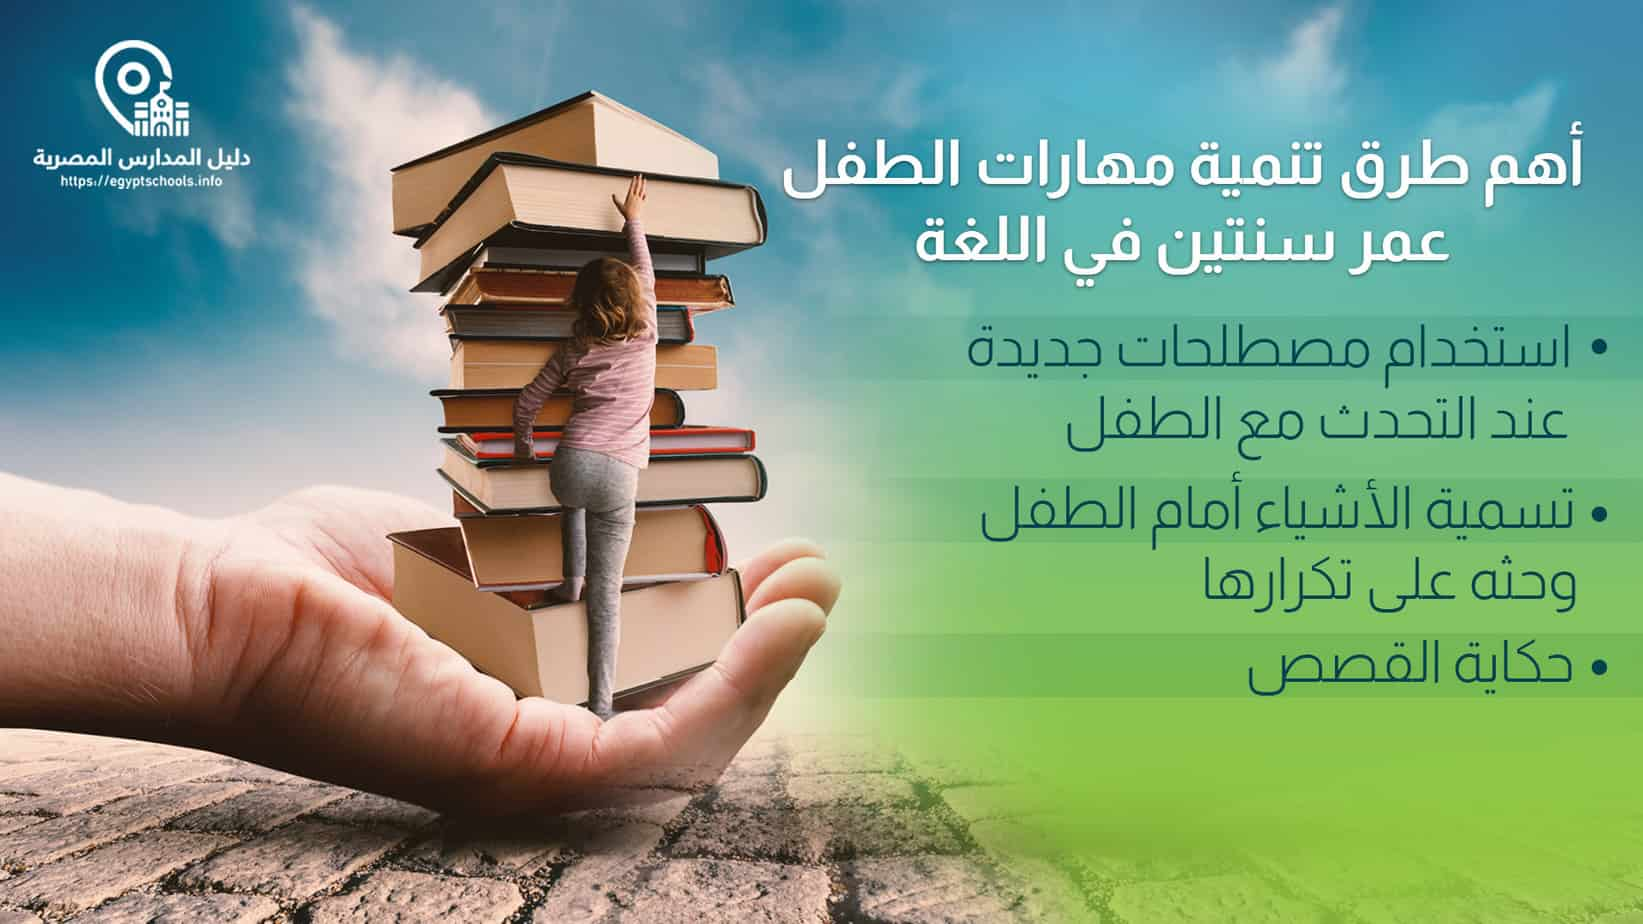 تنمية مهارات الطفل عمر سنتين في اللغة